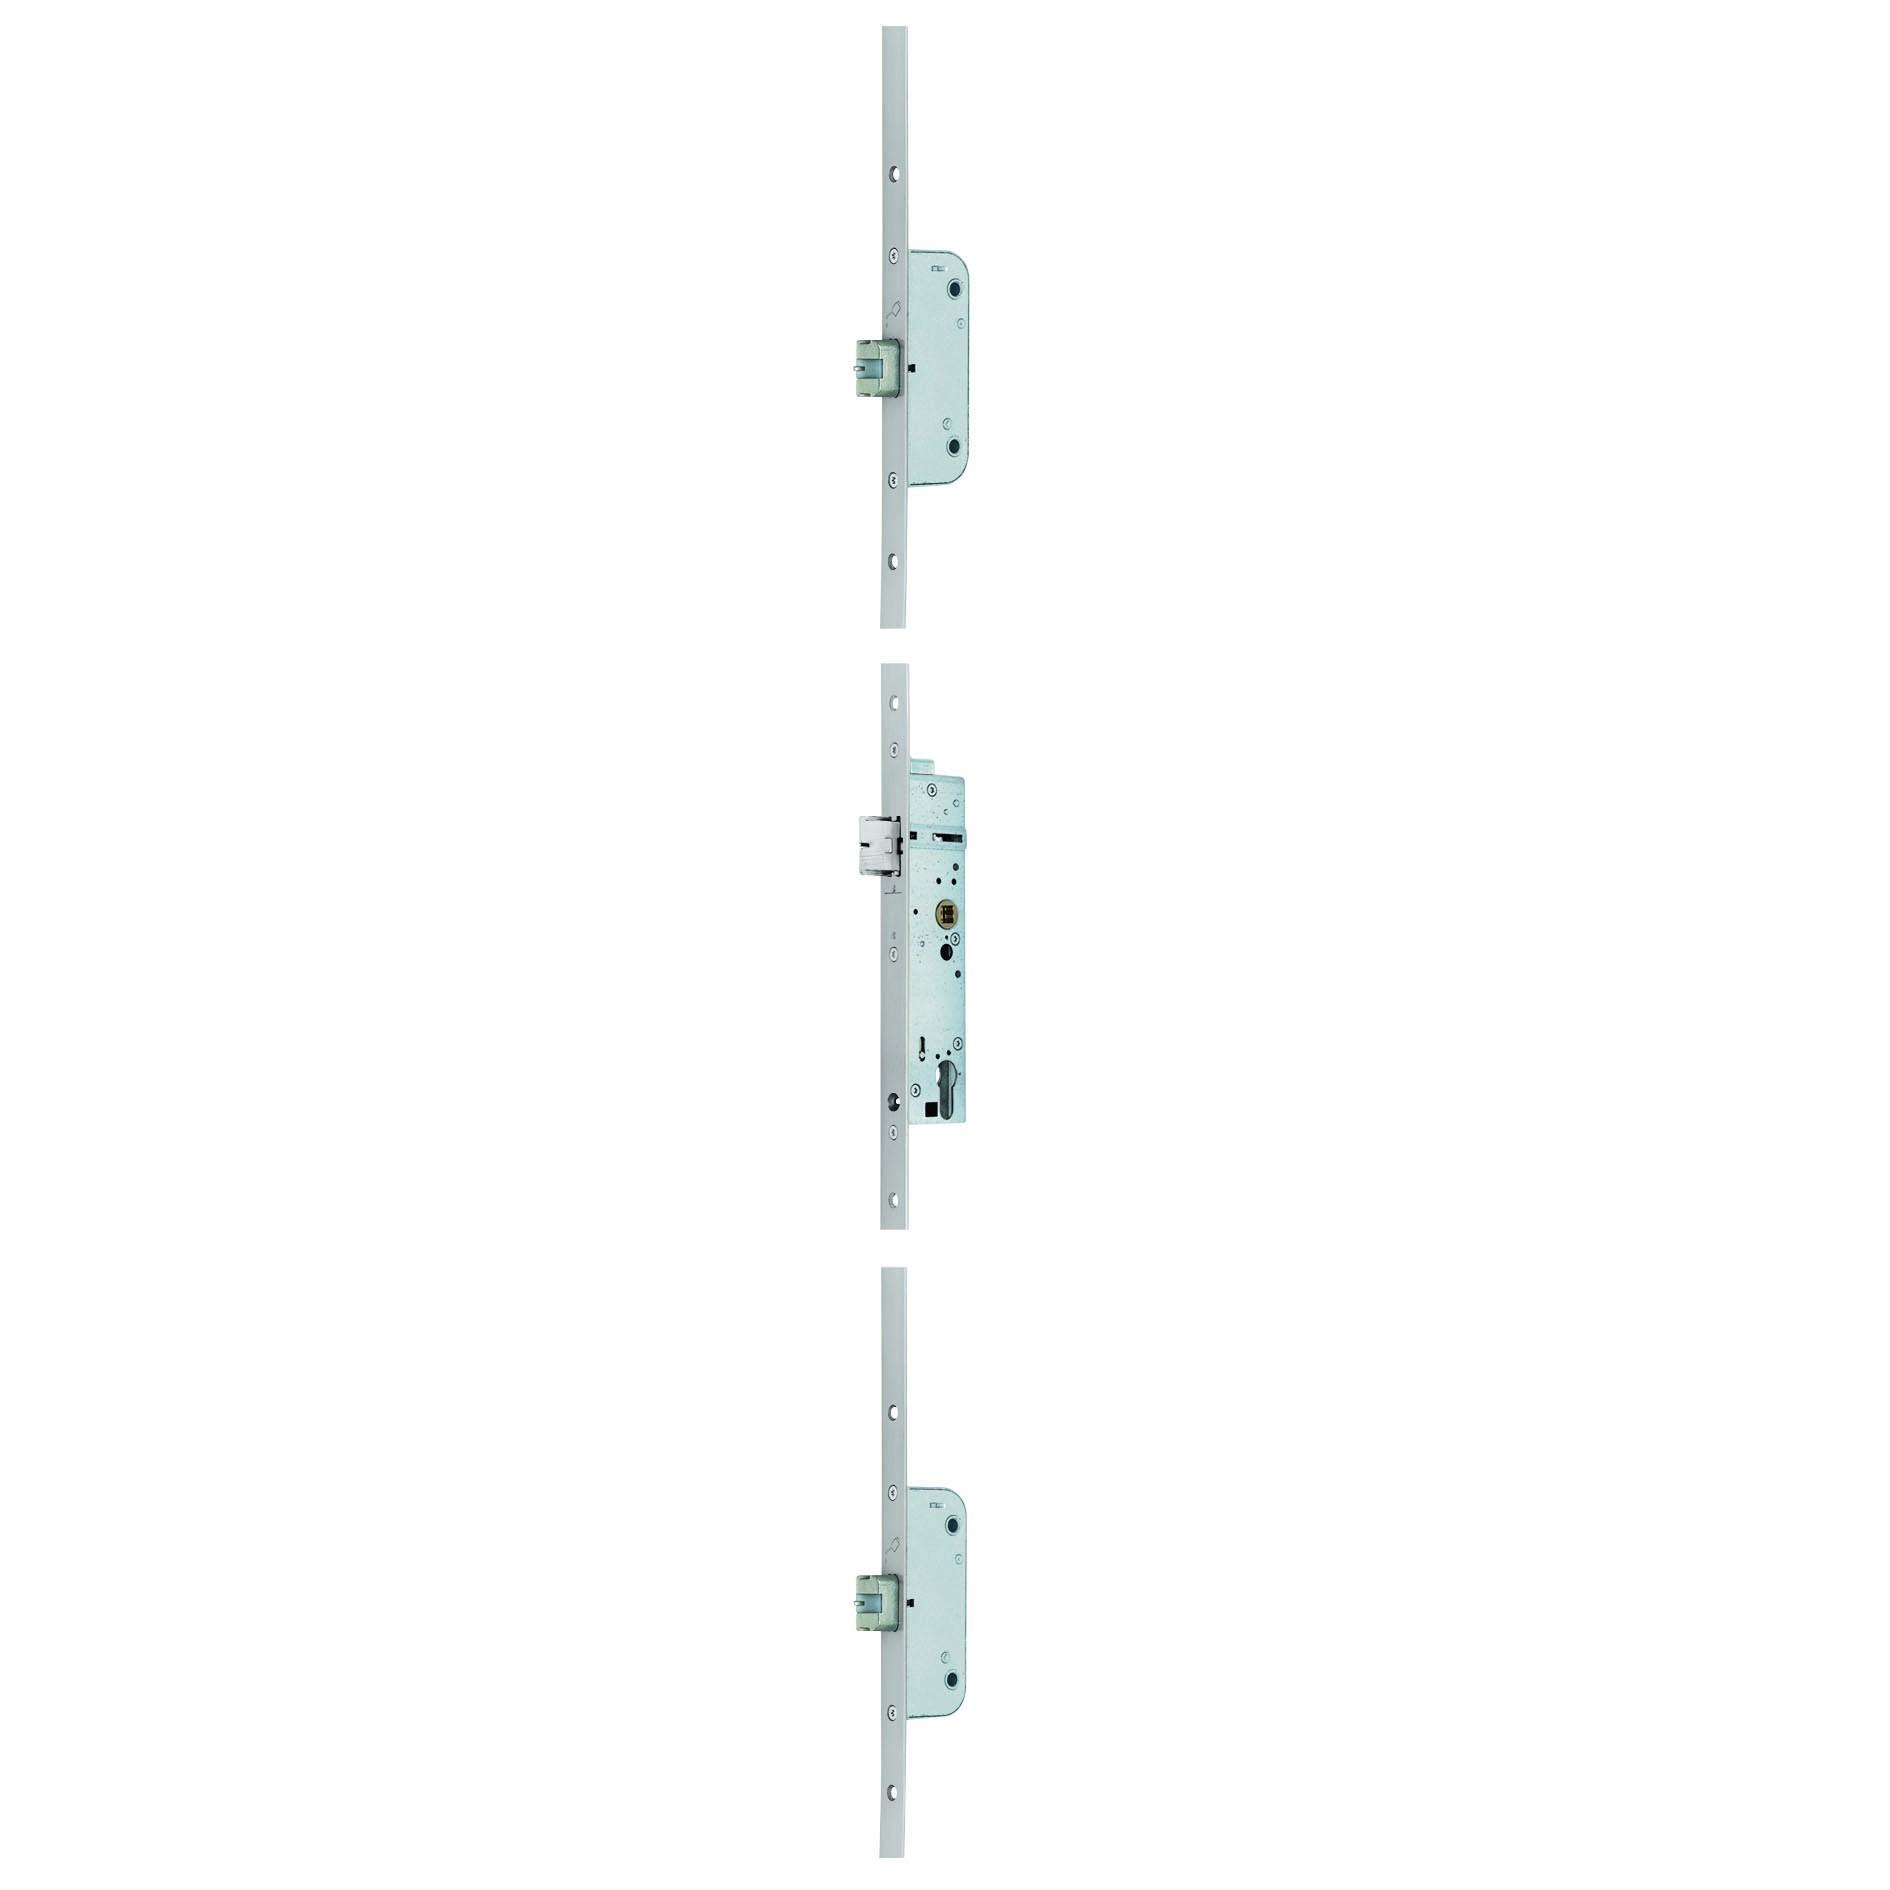 BKS- Panik Mehrfachverriegelung Secury 1910 / 92 / 45 / 9 / F24x2285x3mm